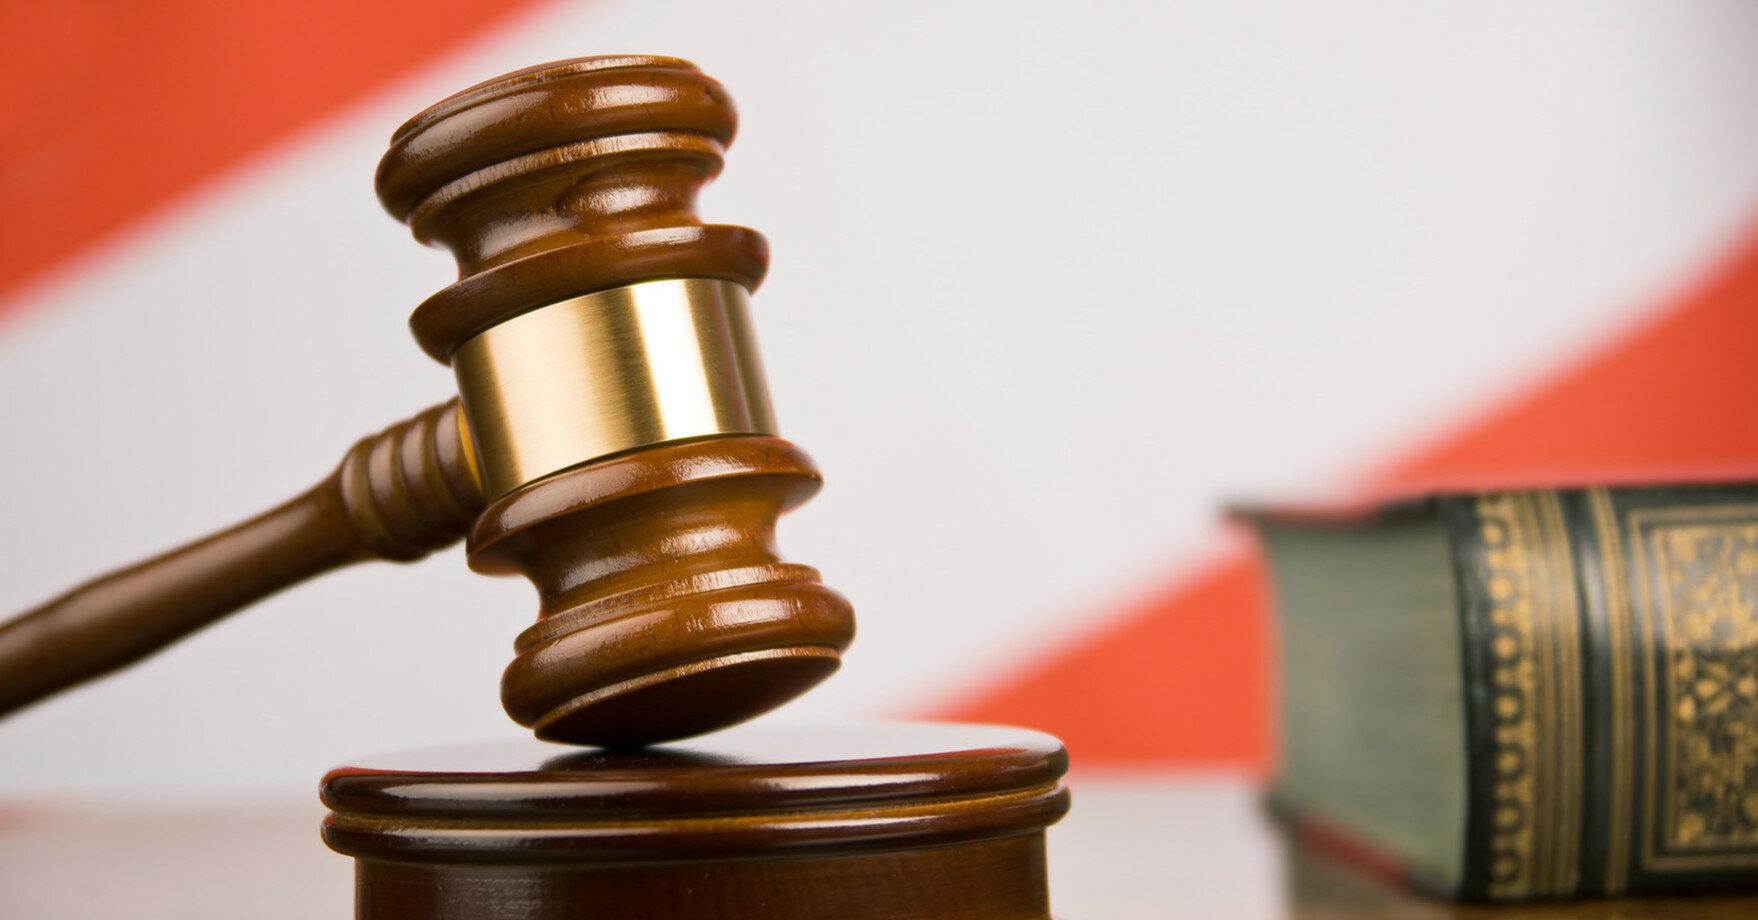 Экс-прокурор присвоил более миллиона гривен, изъятых при обыске